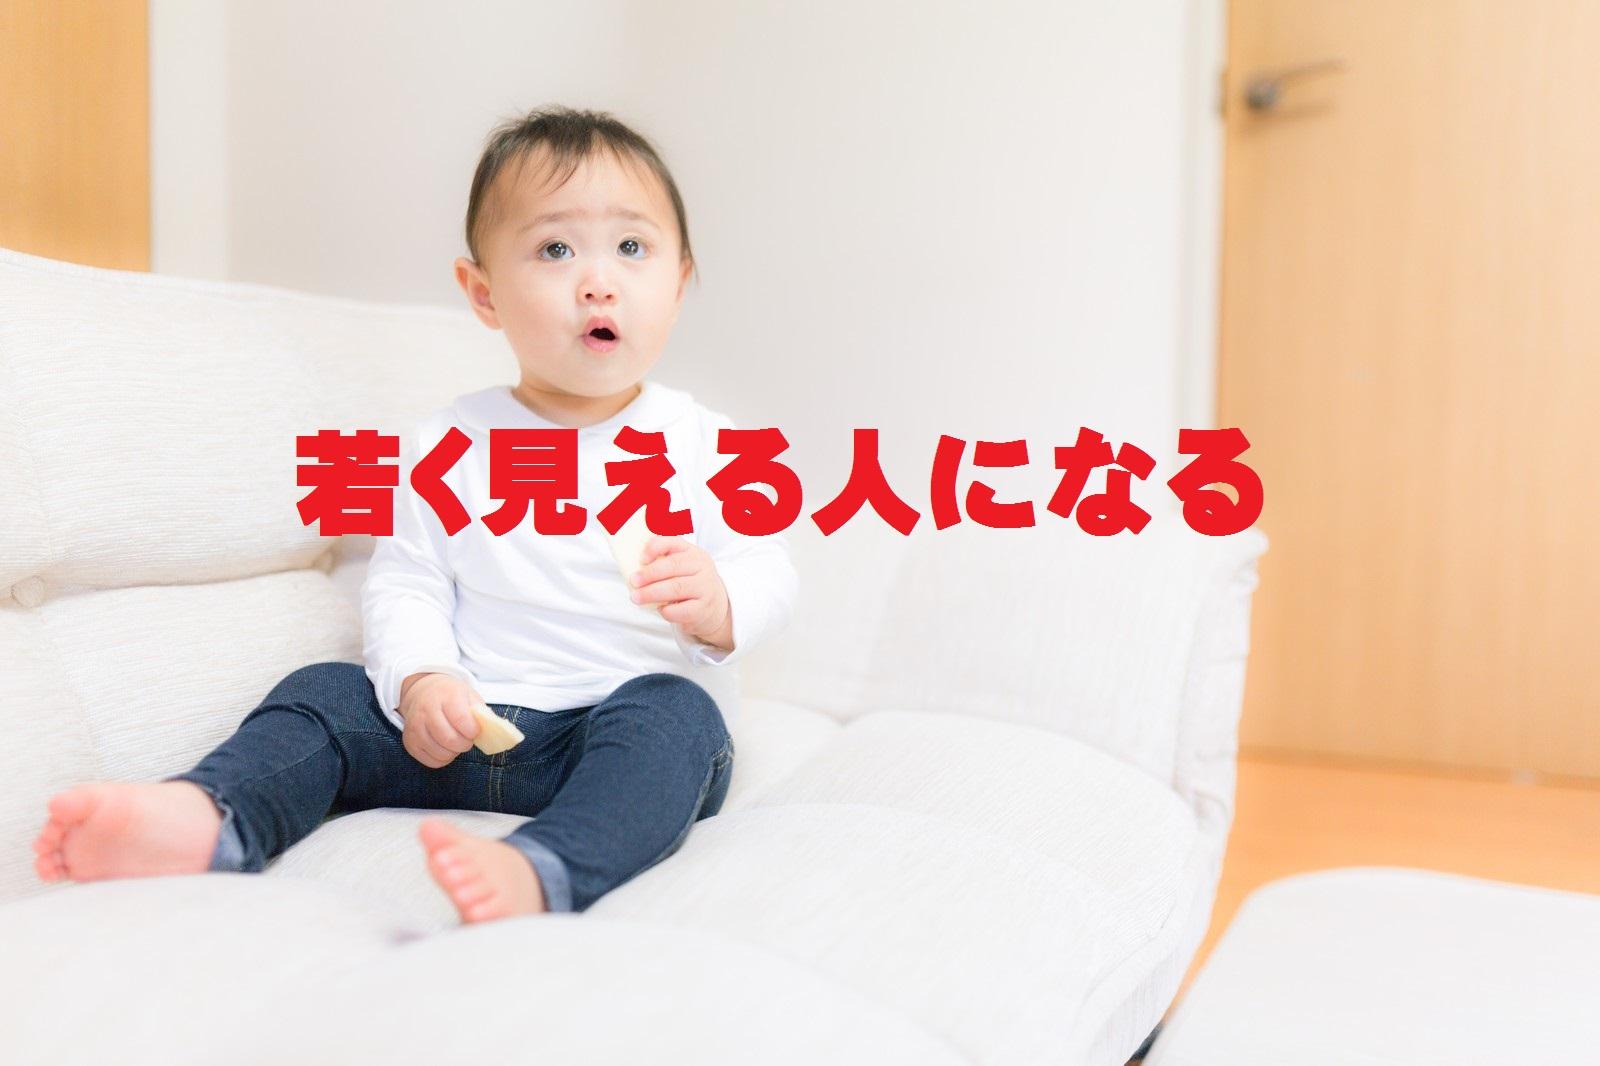 赤ちゃんの画像に「若く見える人になる」の文字